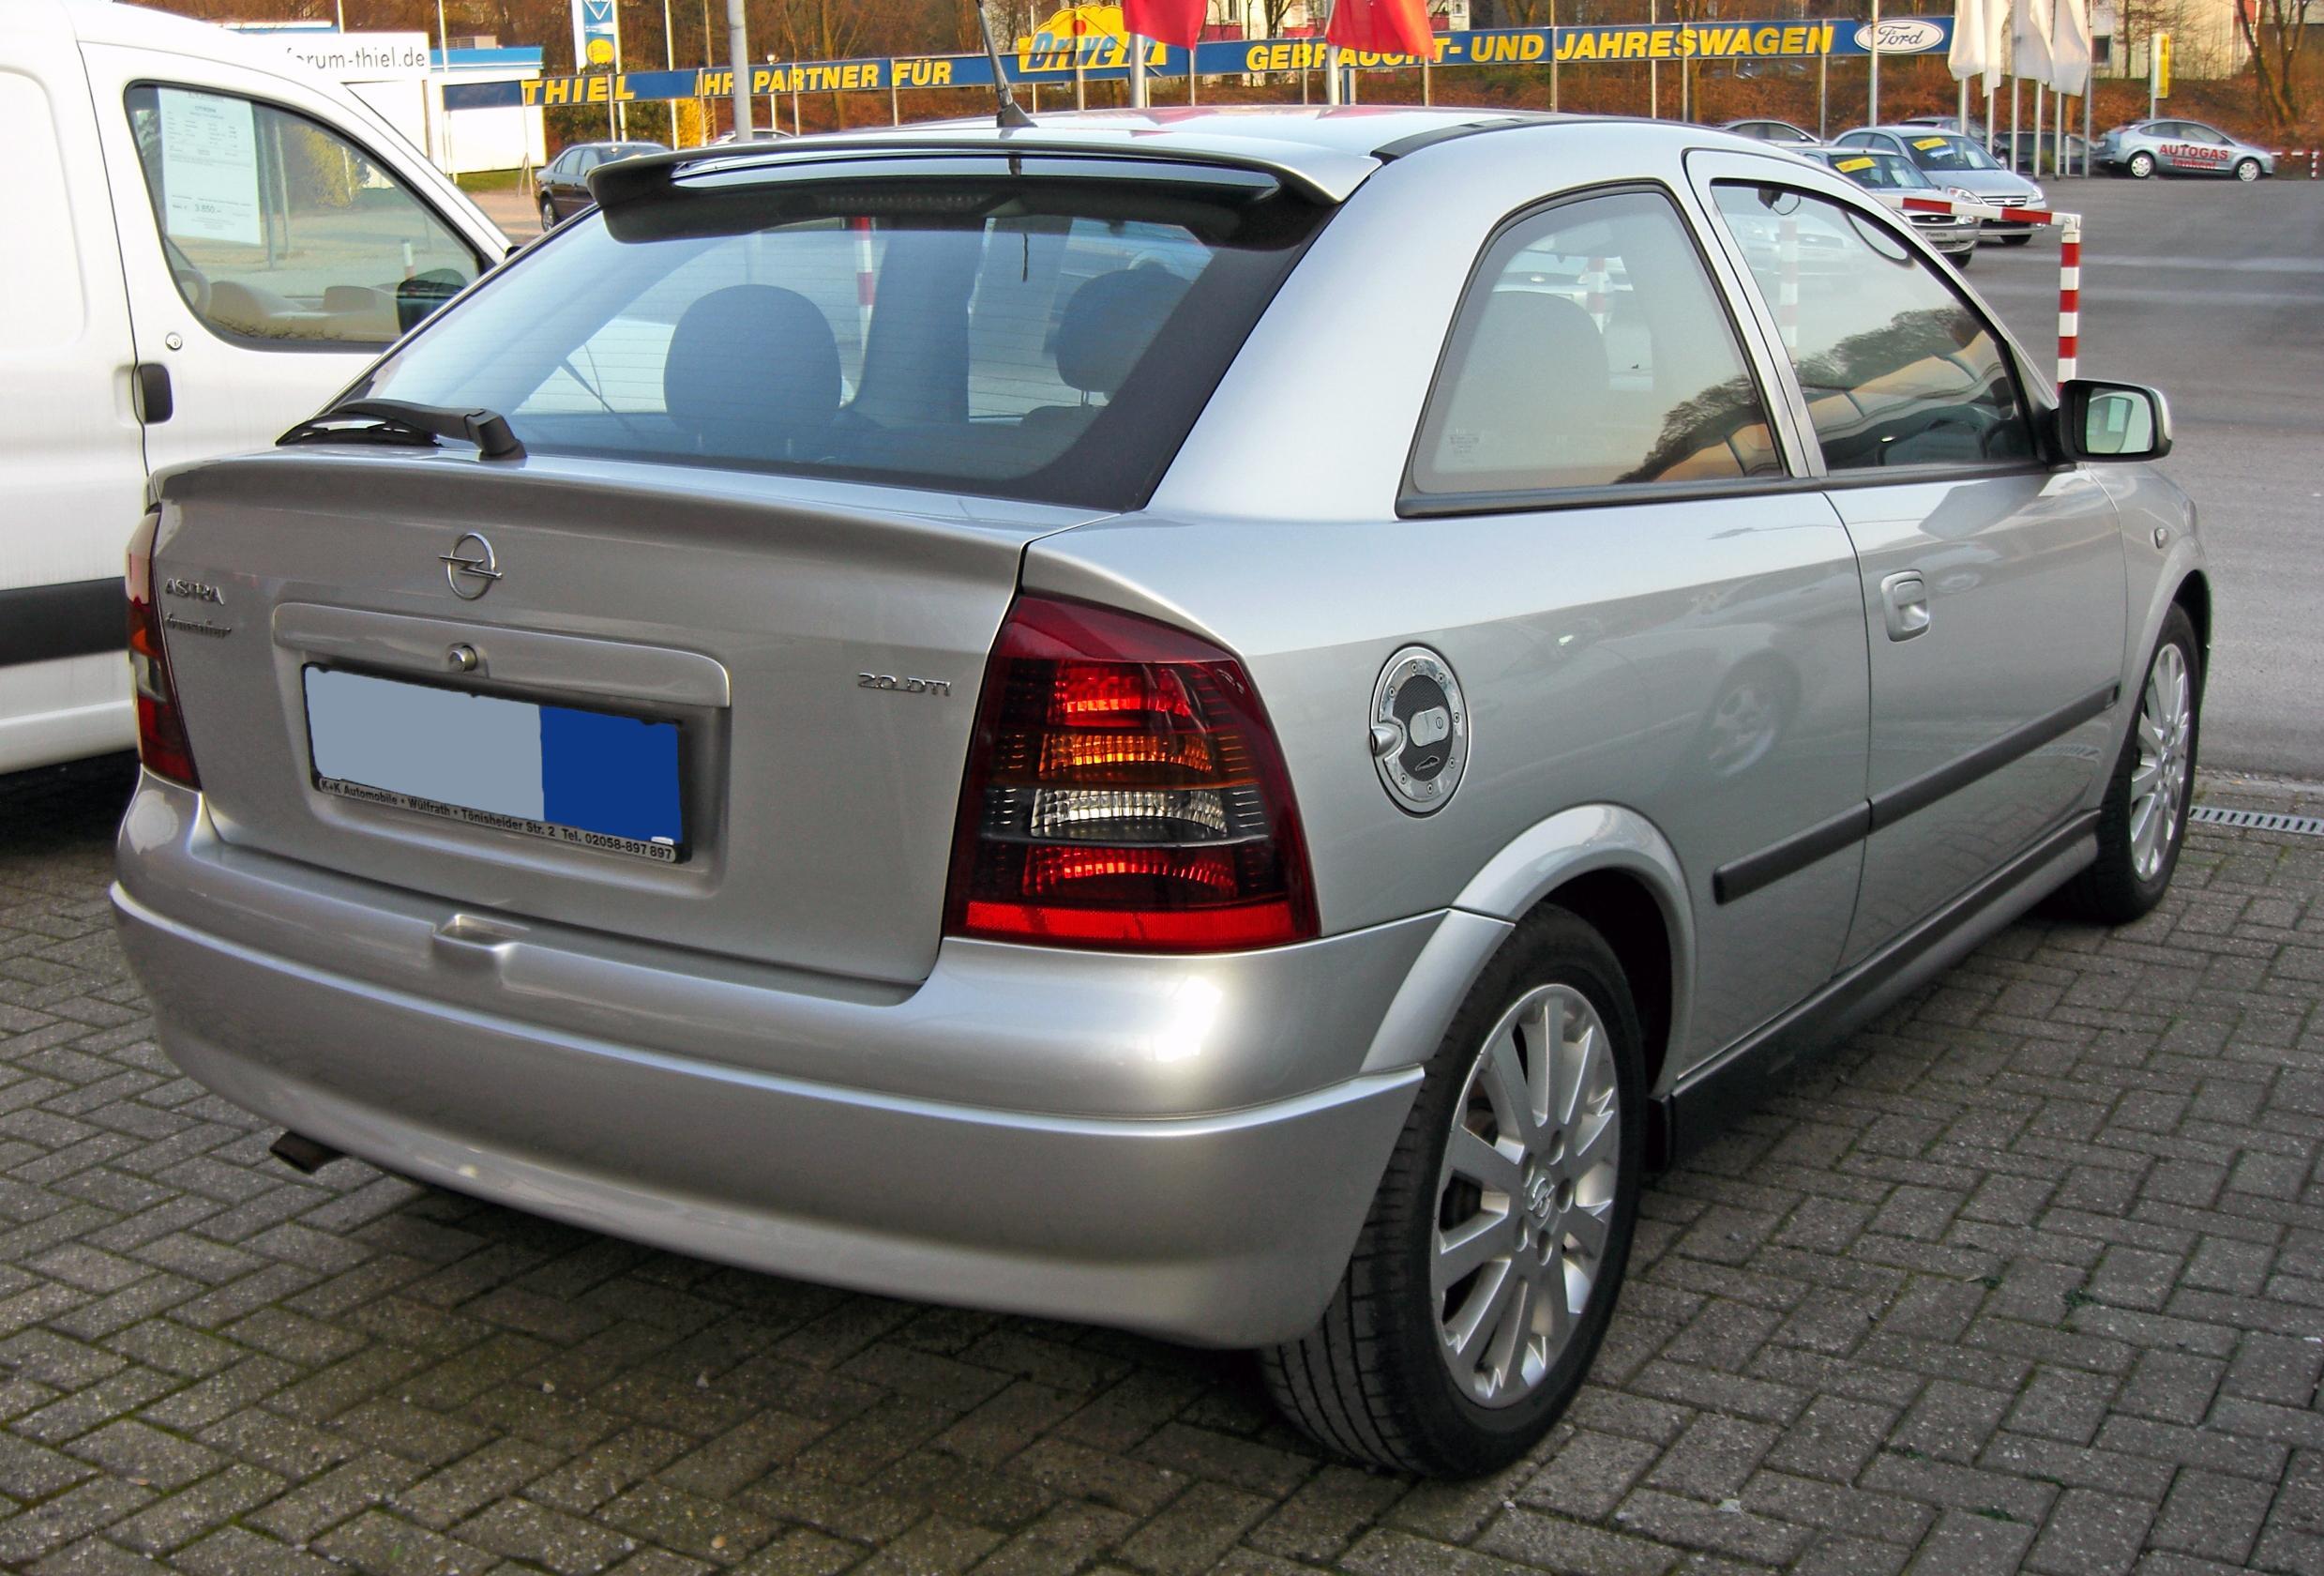 File:Opel Astra G 20090402 rear.JPG - Wikimedia Commons